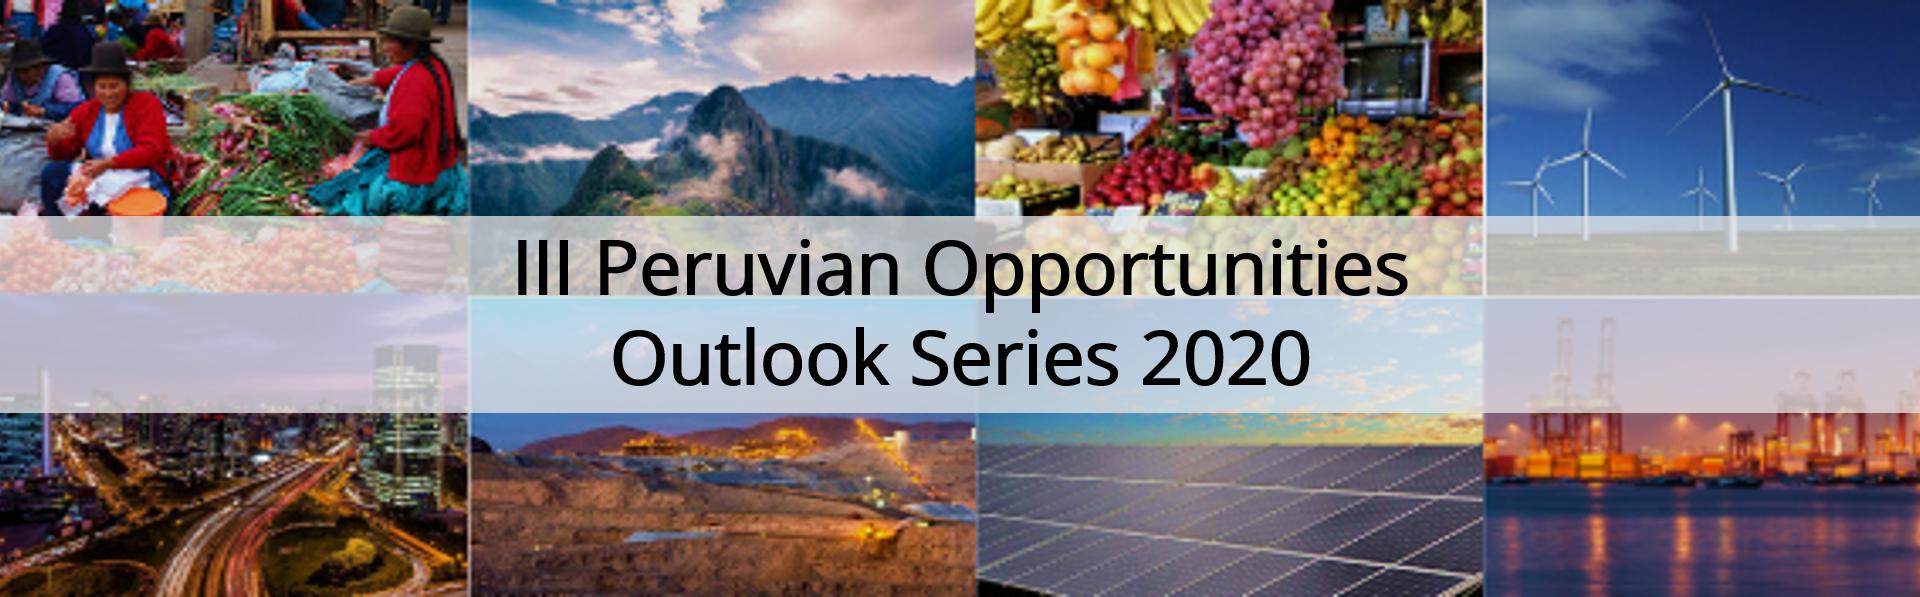 Peruvian Opportunities Outlook Series 2020